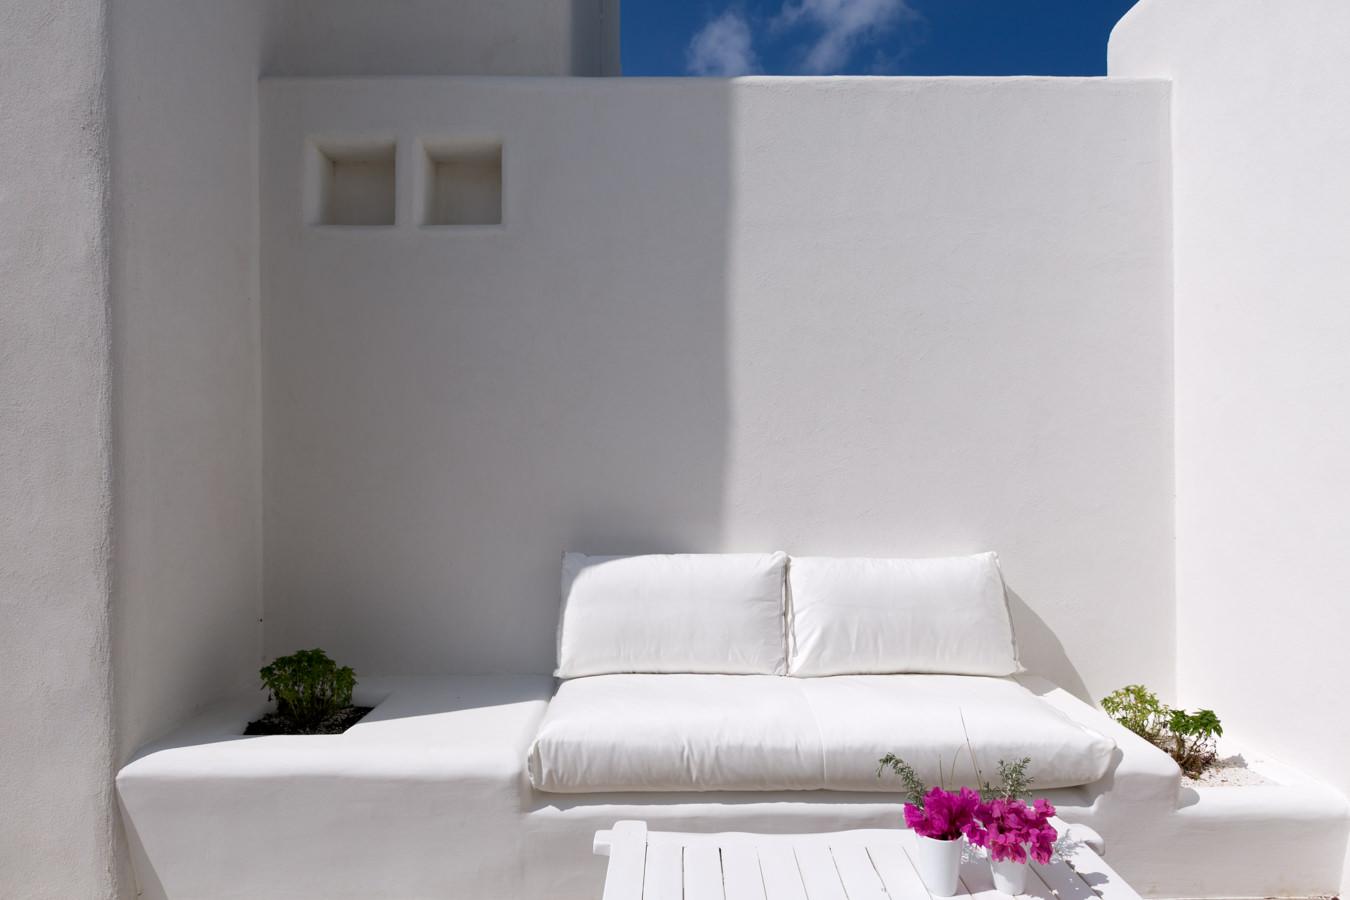 SevenSantaMaria, Paros Island, Γιώργος Φάκαρος - Αρχιτεκτονική Φωτογραφία | Εσωτερικοί Χώροι | Φωτογραφία Ξενοδοχειών - Photography / Φωτογραφία